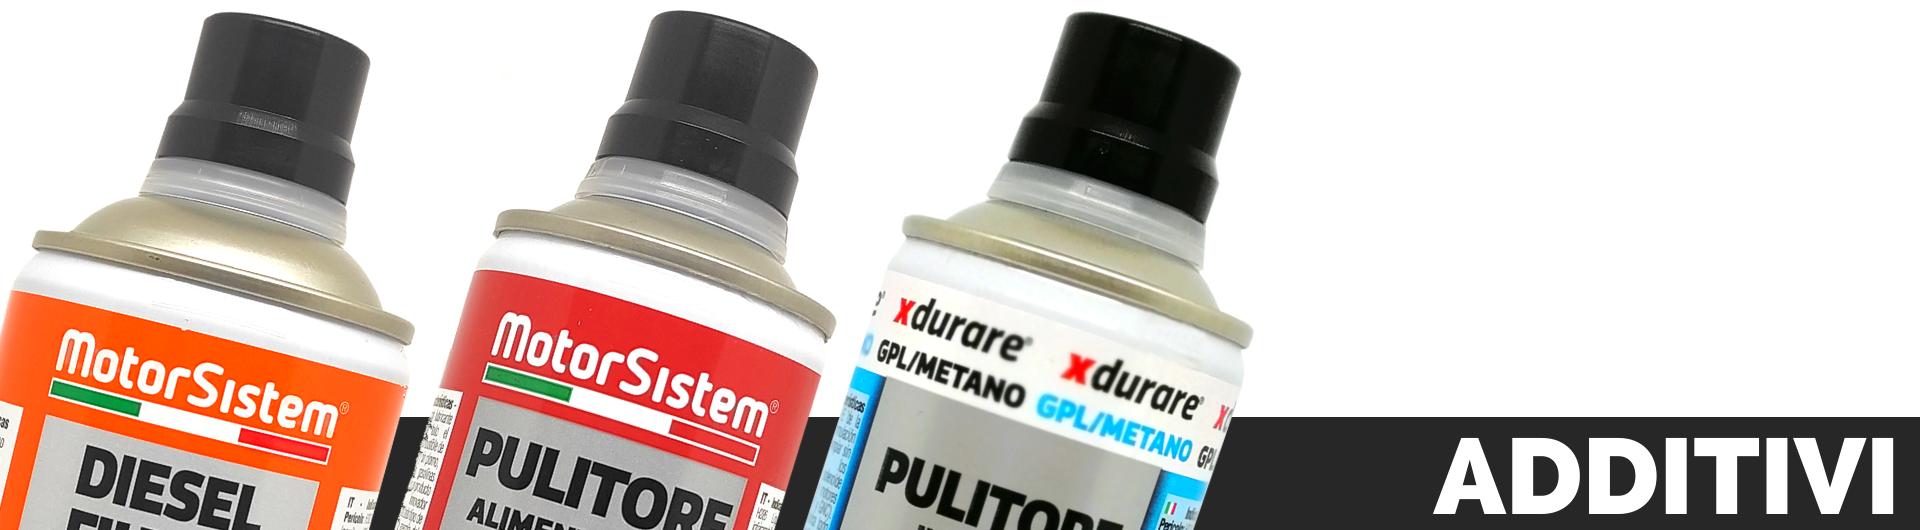 Additivi specifici per il trattamento e del carburante | MotorSistem